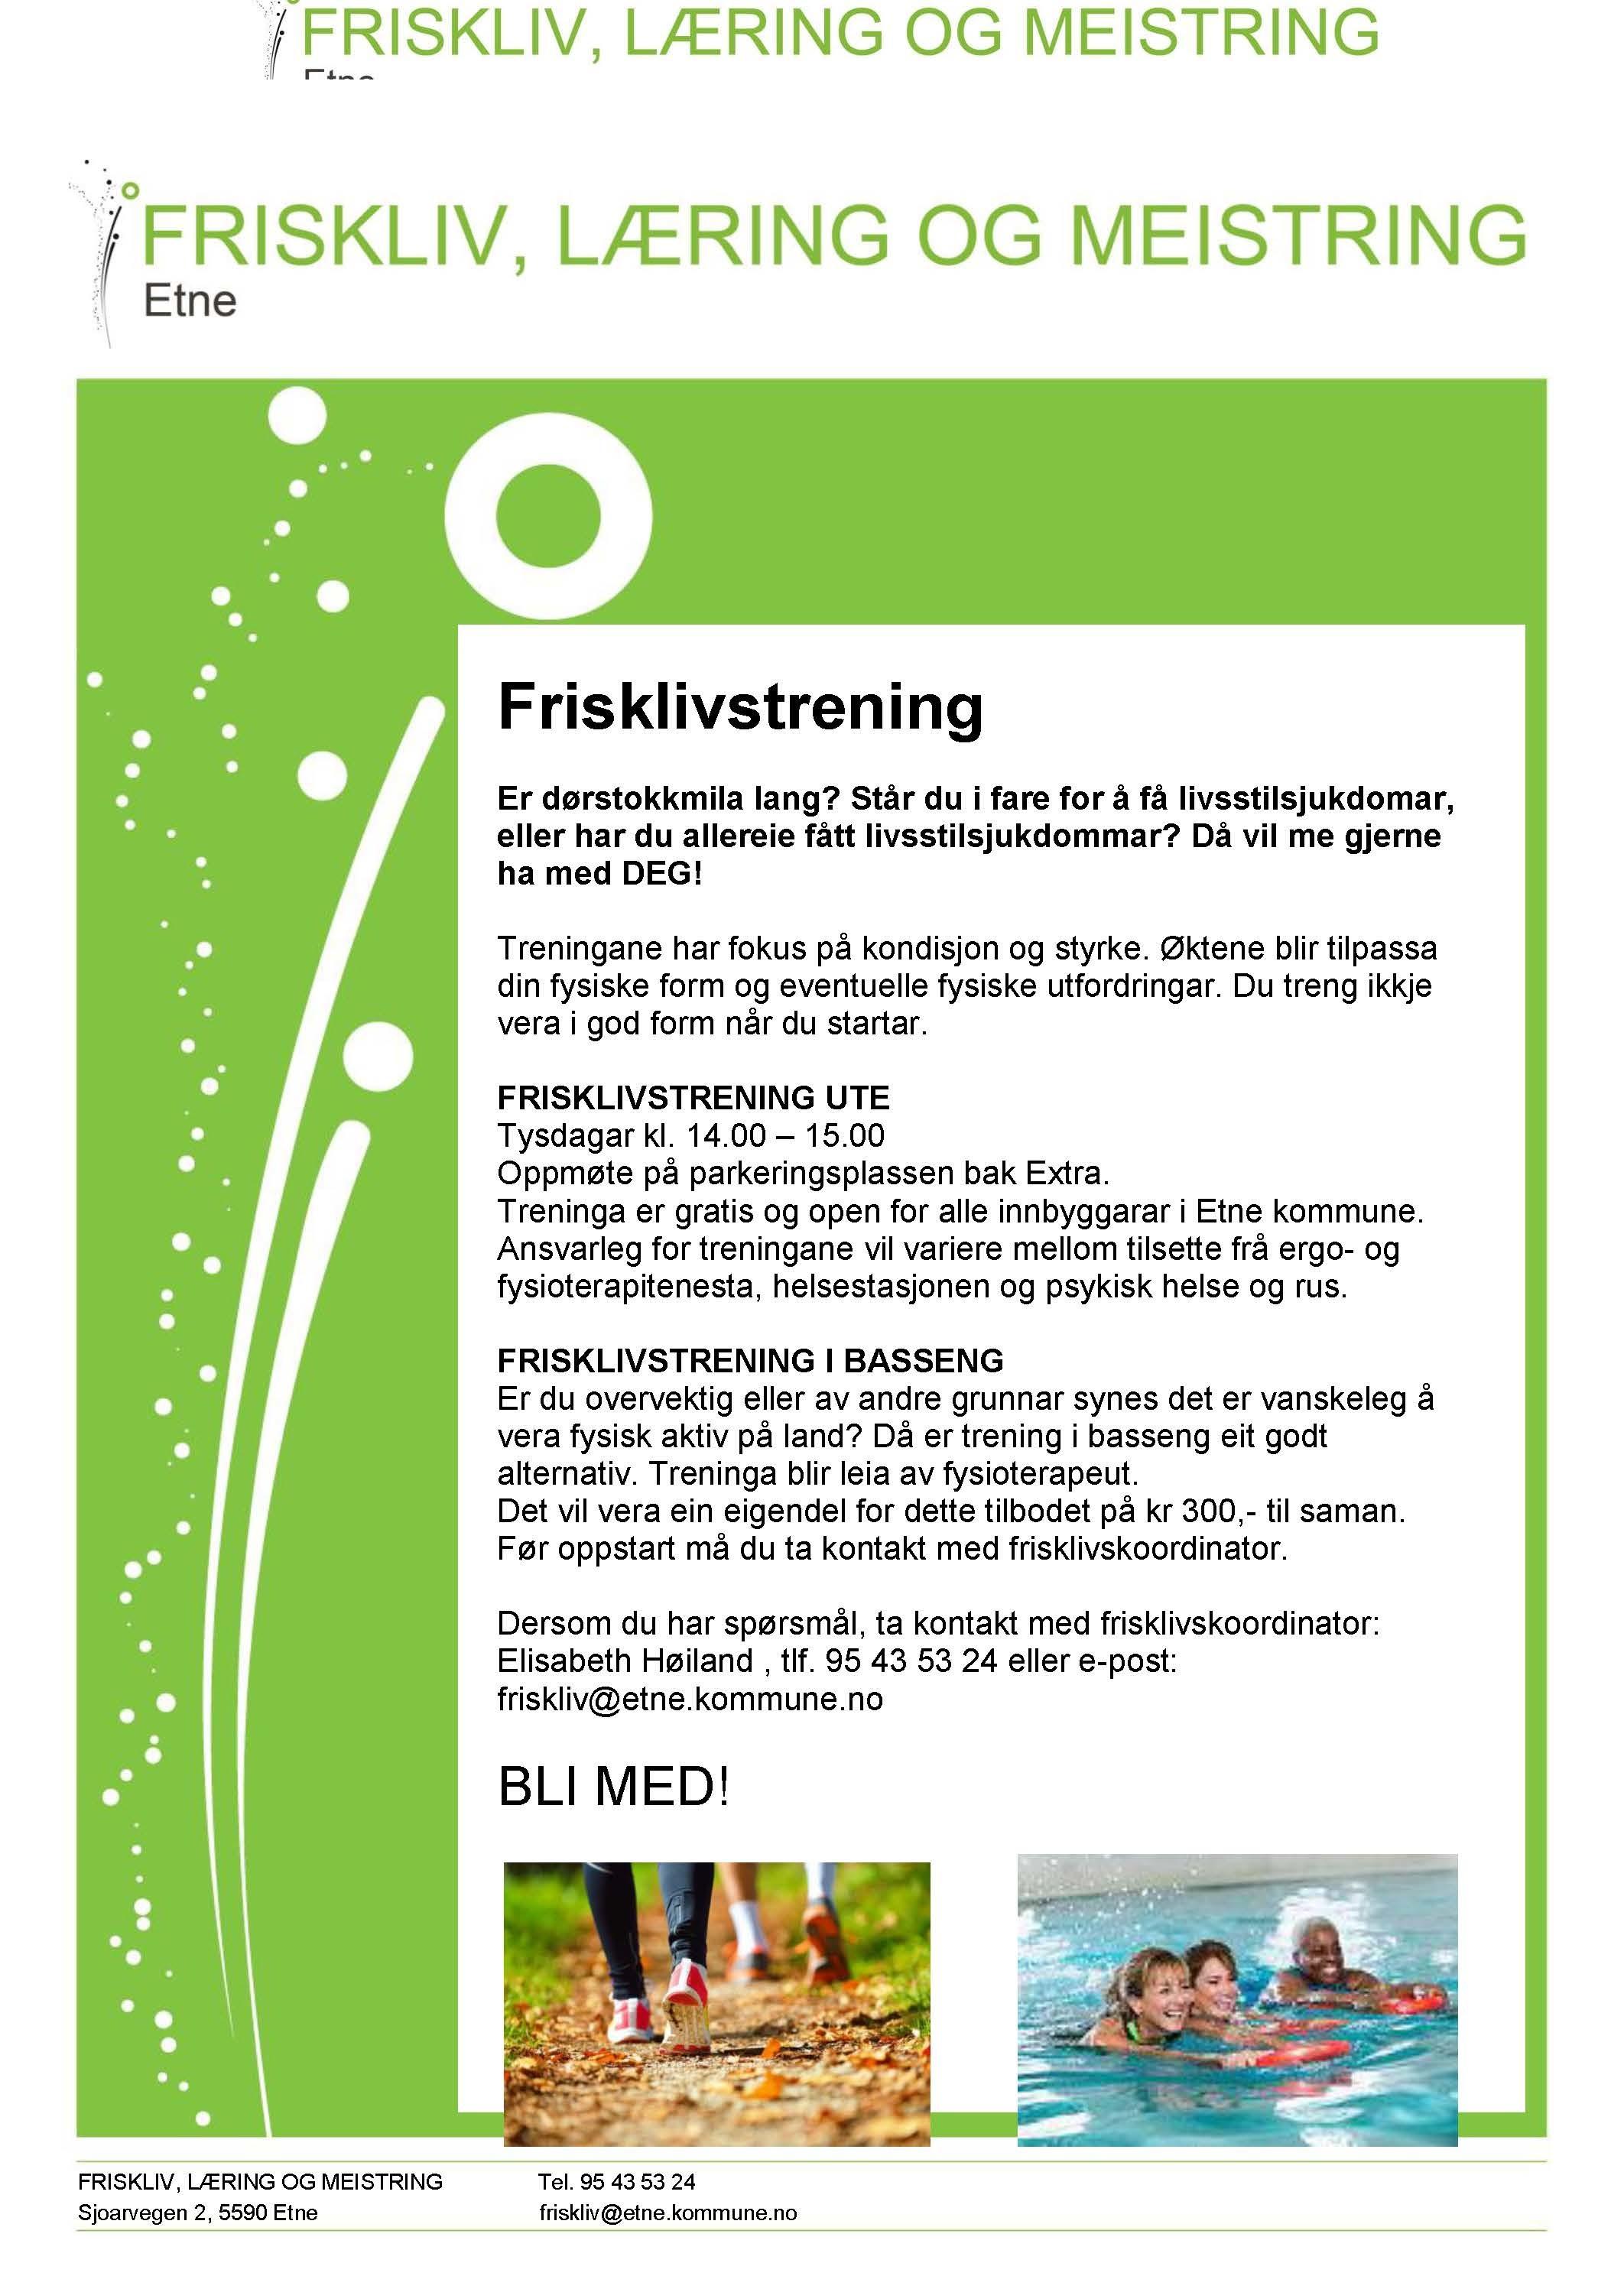 Plakat frisklivstrening ute og i basseng.jpg